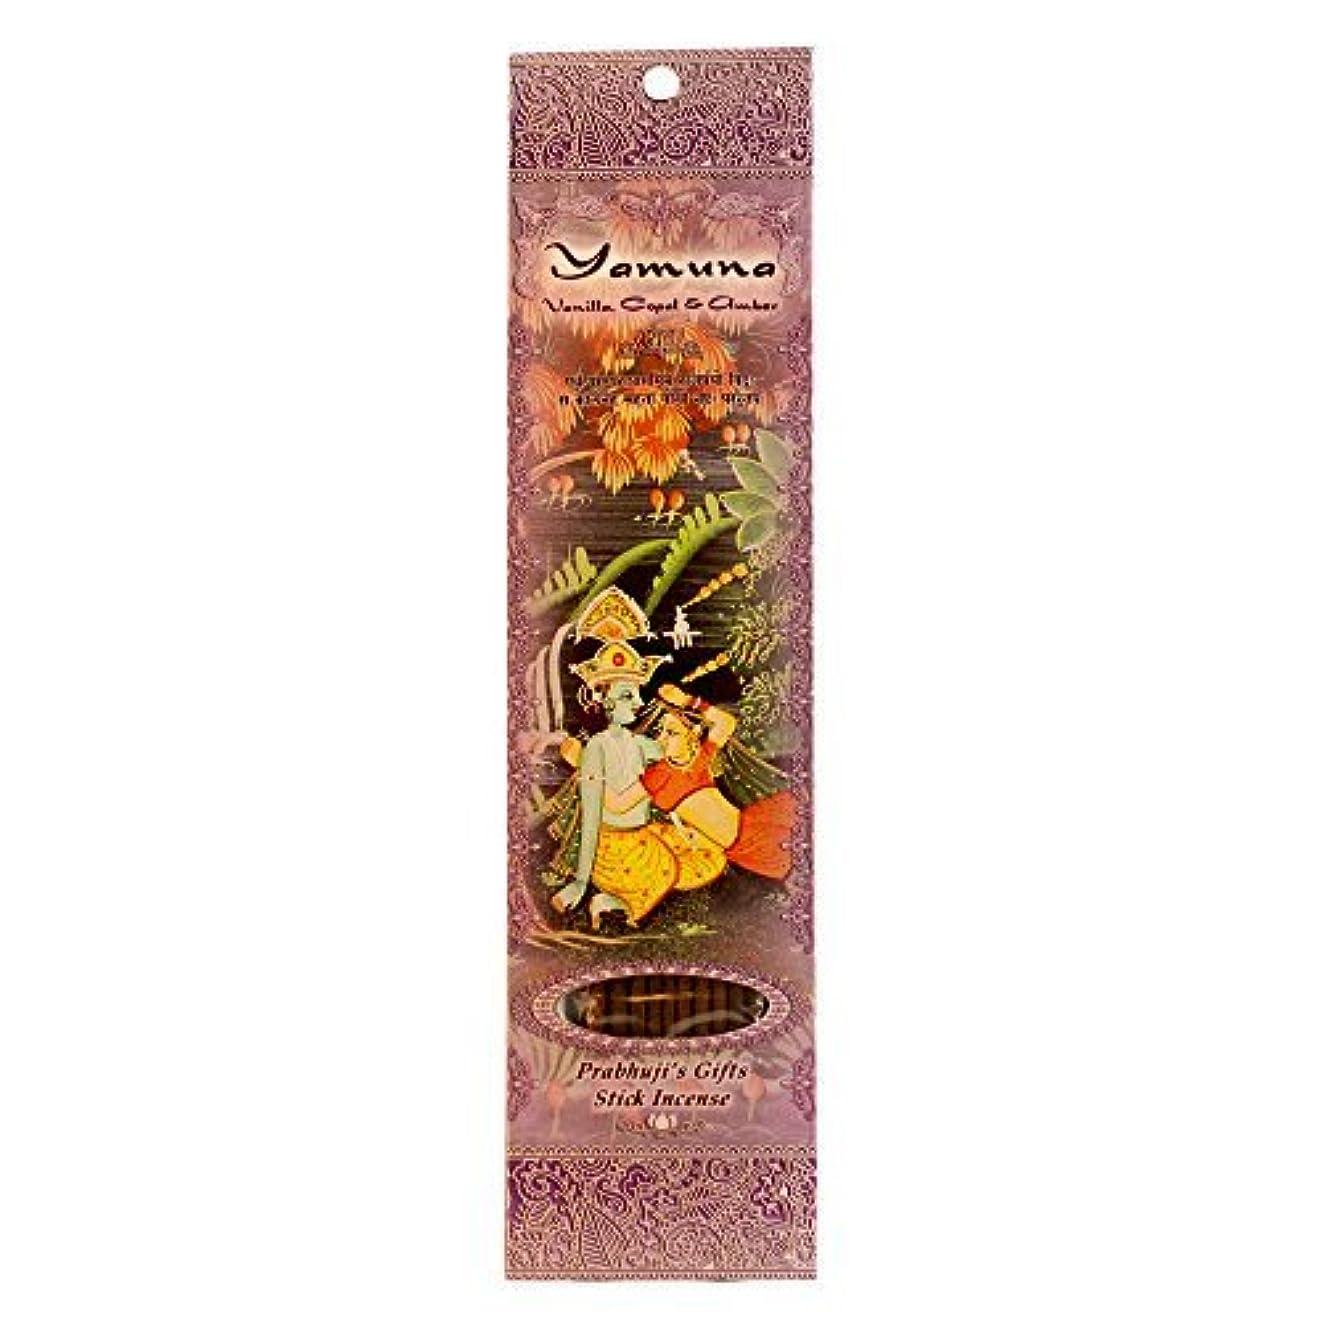 債務者まあ従事するIncense Sticks Yamuna - Vanilla Copal and Amber [並行輸入品]